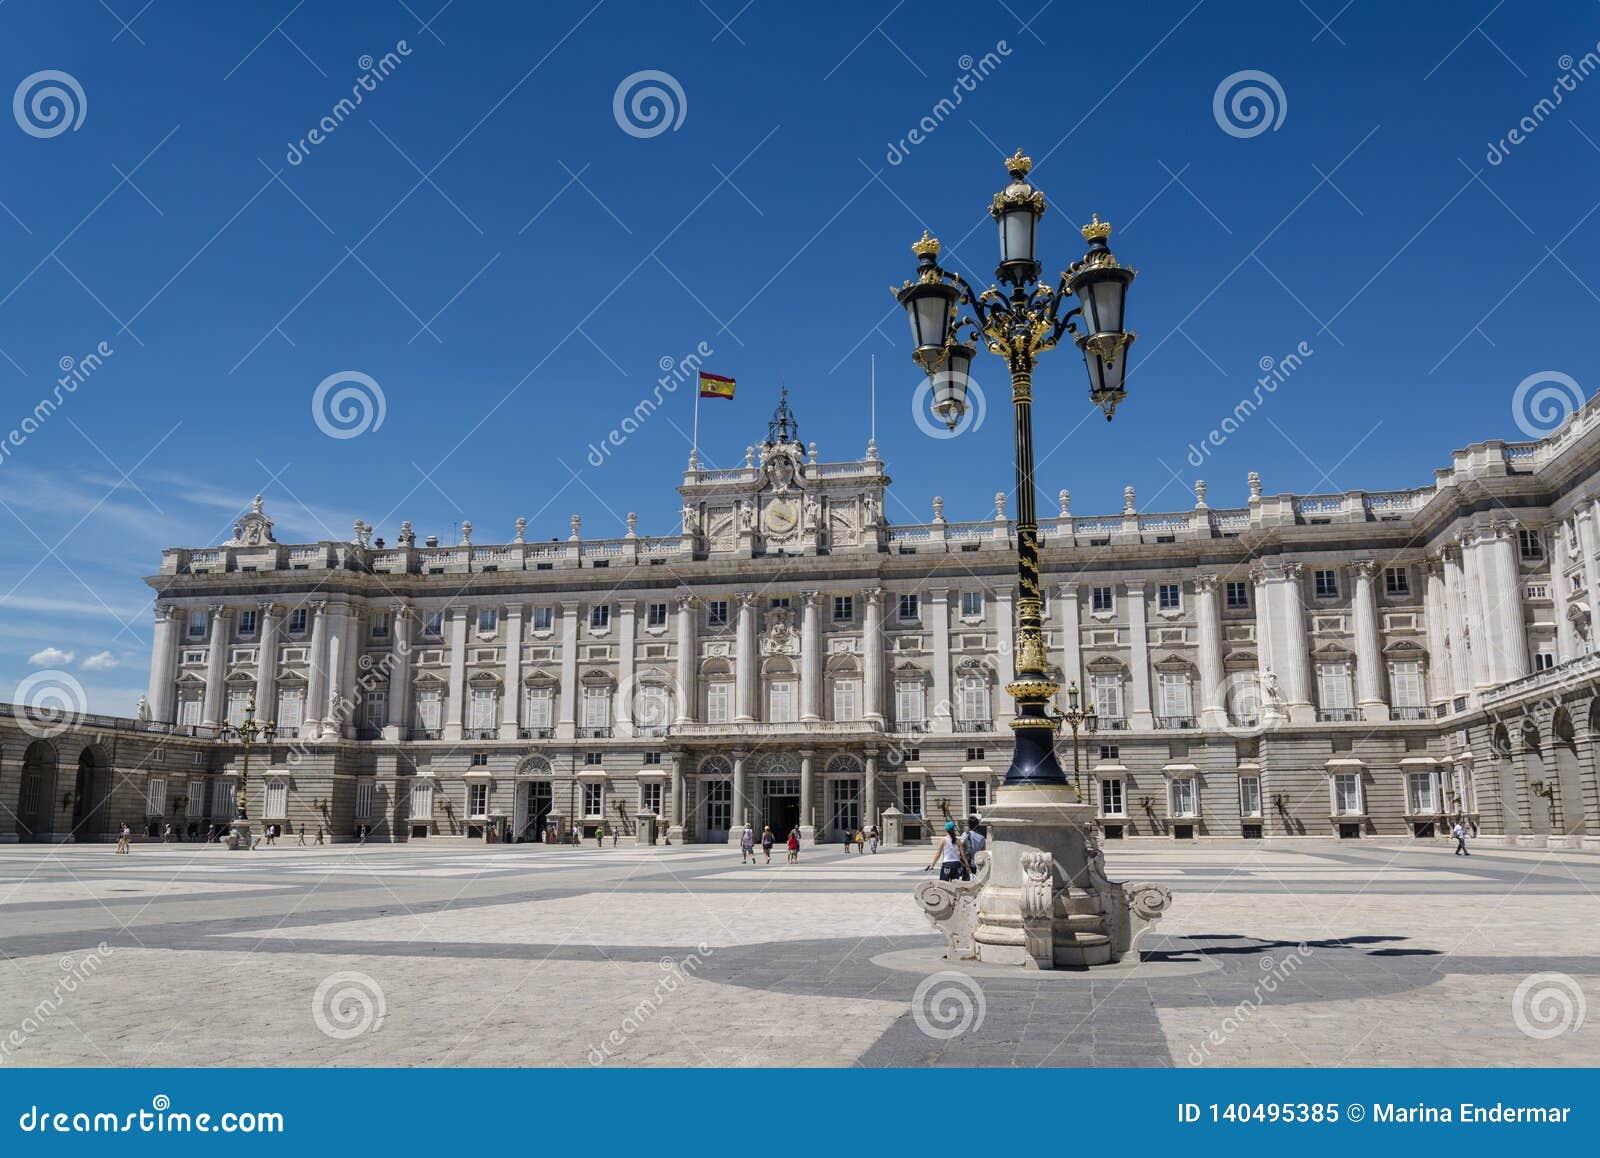 Royal Palace of Madrid, Madrid, Spain